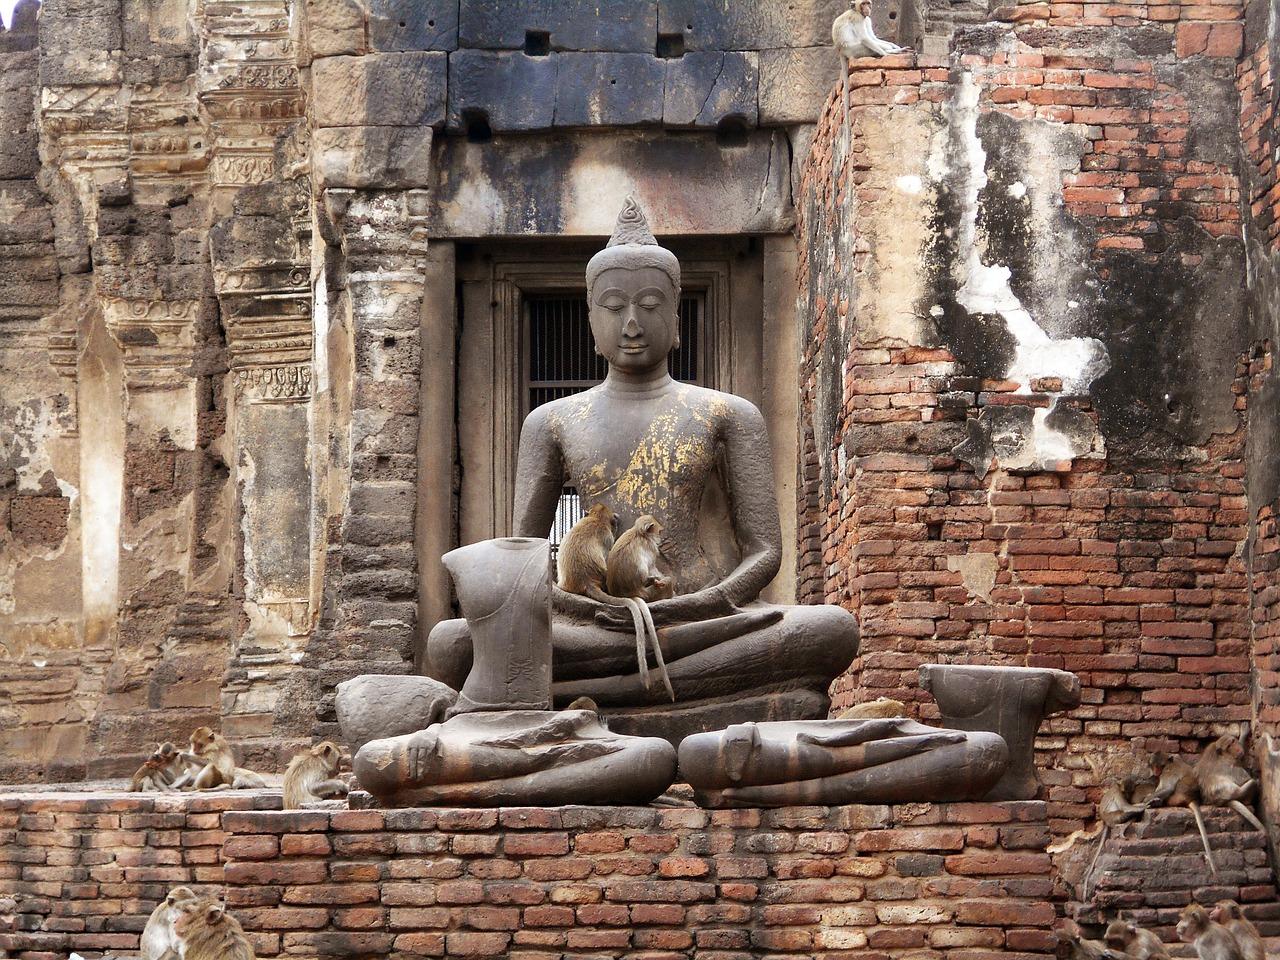 Обезьяньи забавы: что нужно знать туристам, отправляющимся в Таиланд